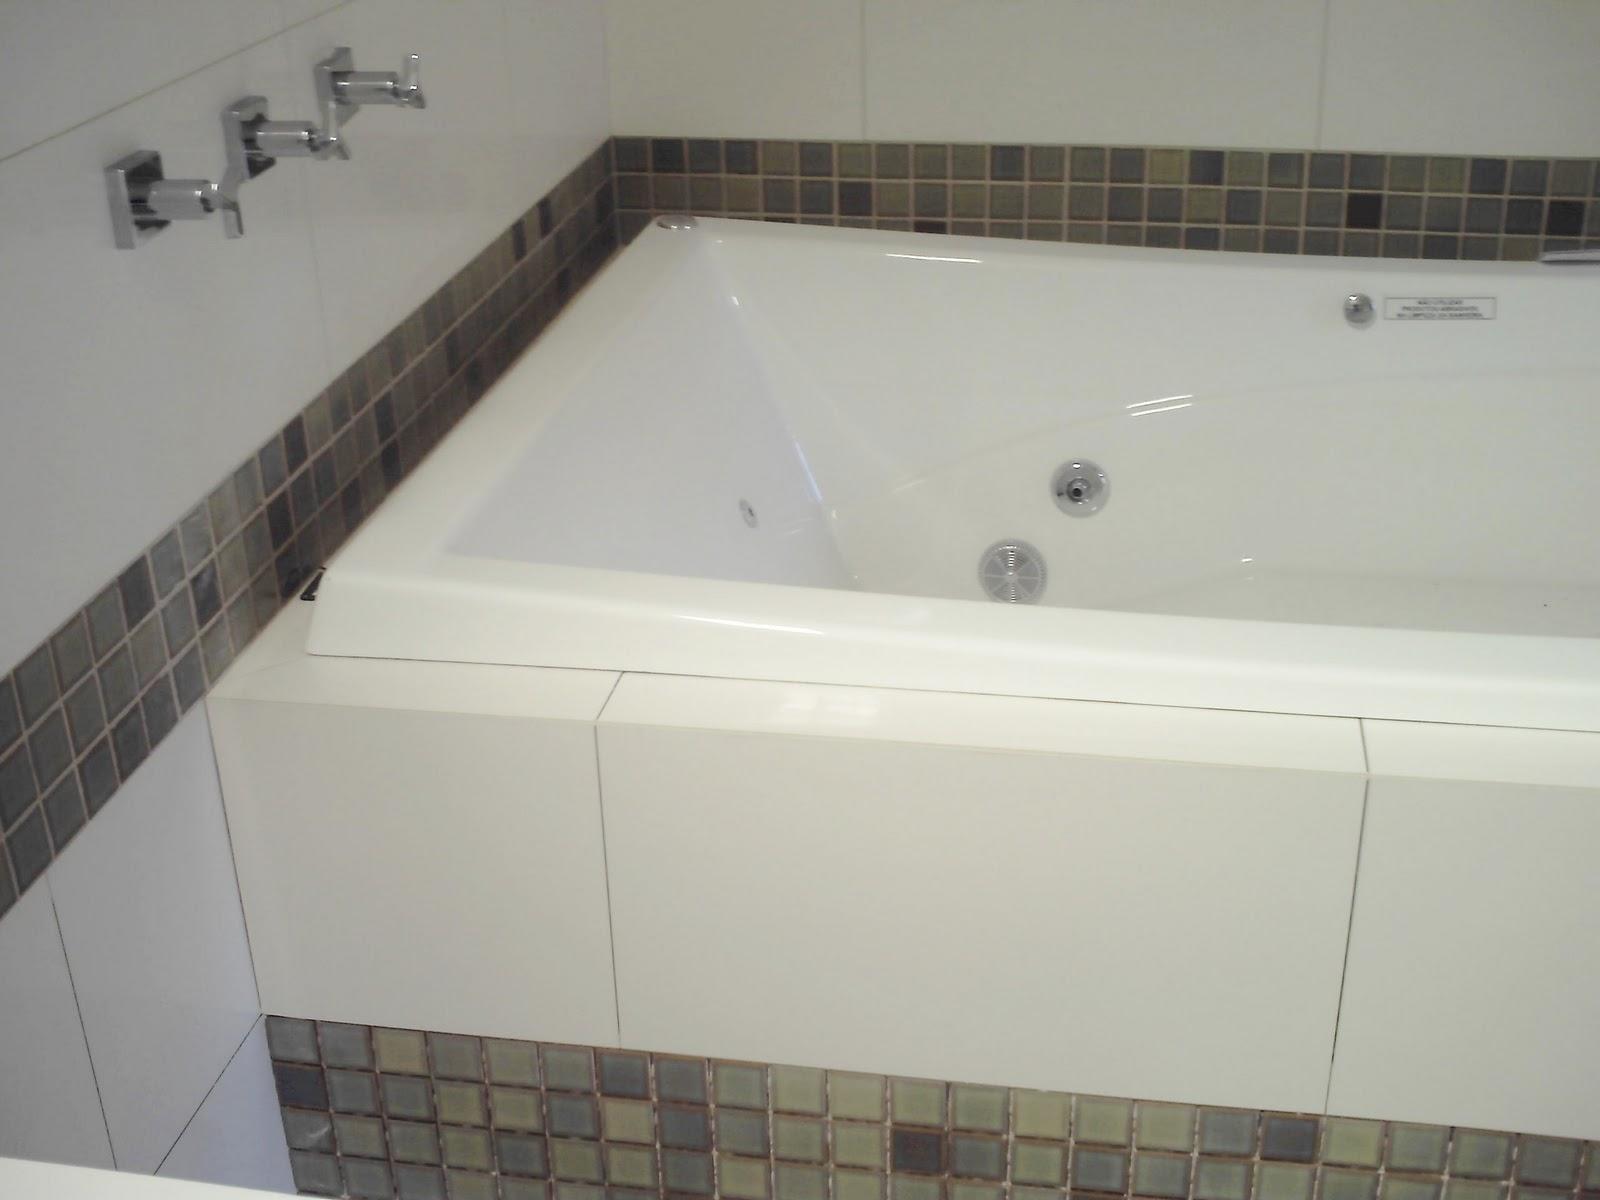 bancada da pia foi toda feita em concreto e revestida com porcelanato #595047 1600x1200 Bancada Banheiro Concreto